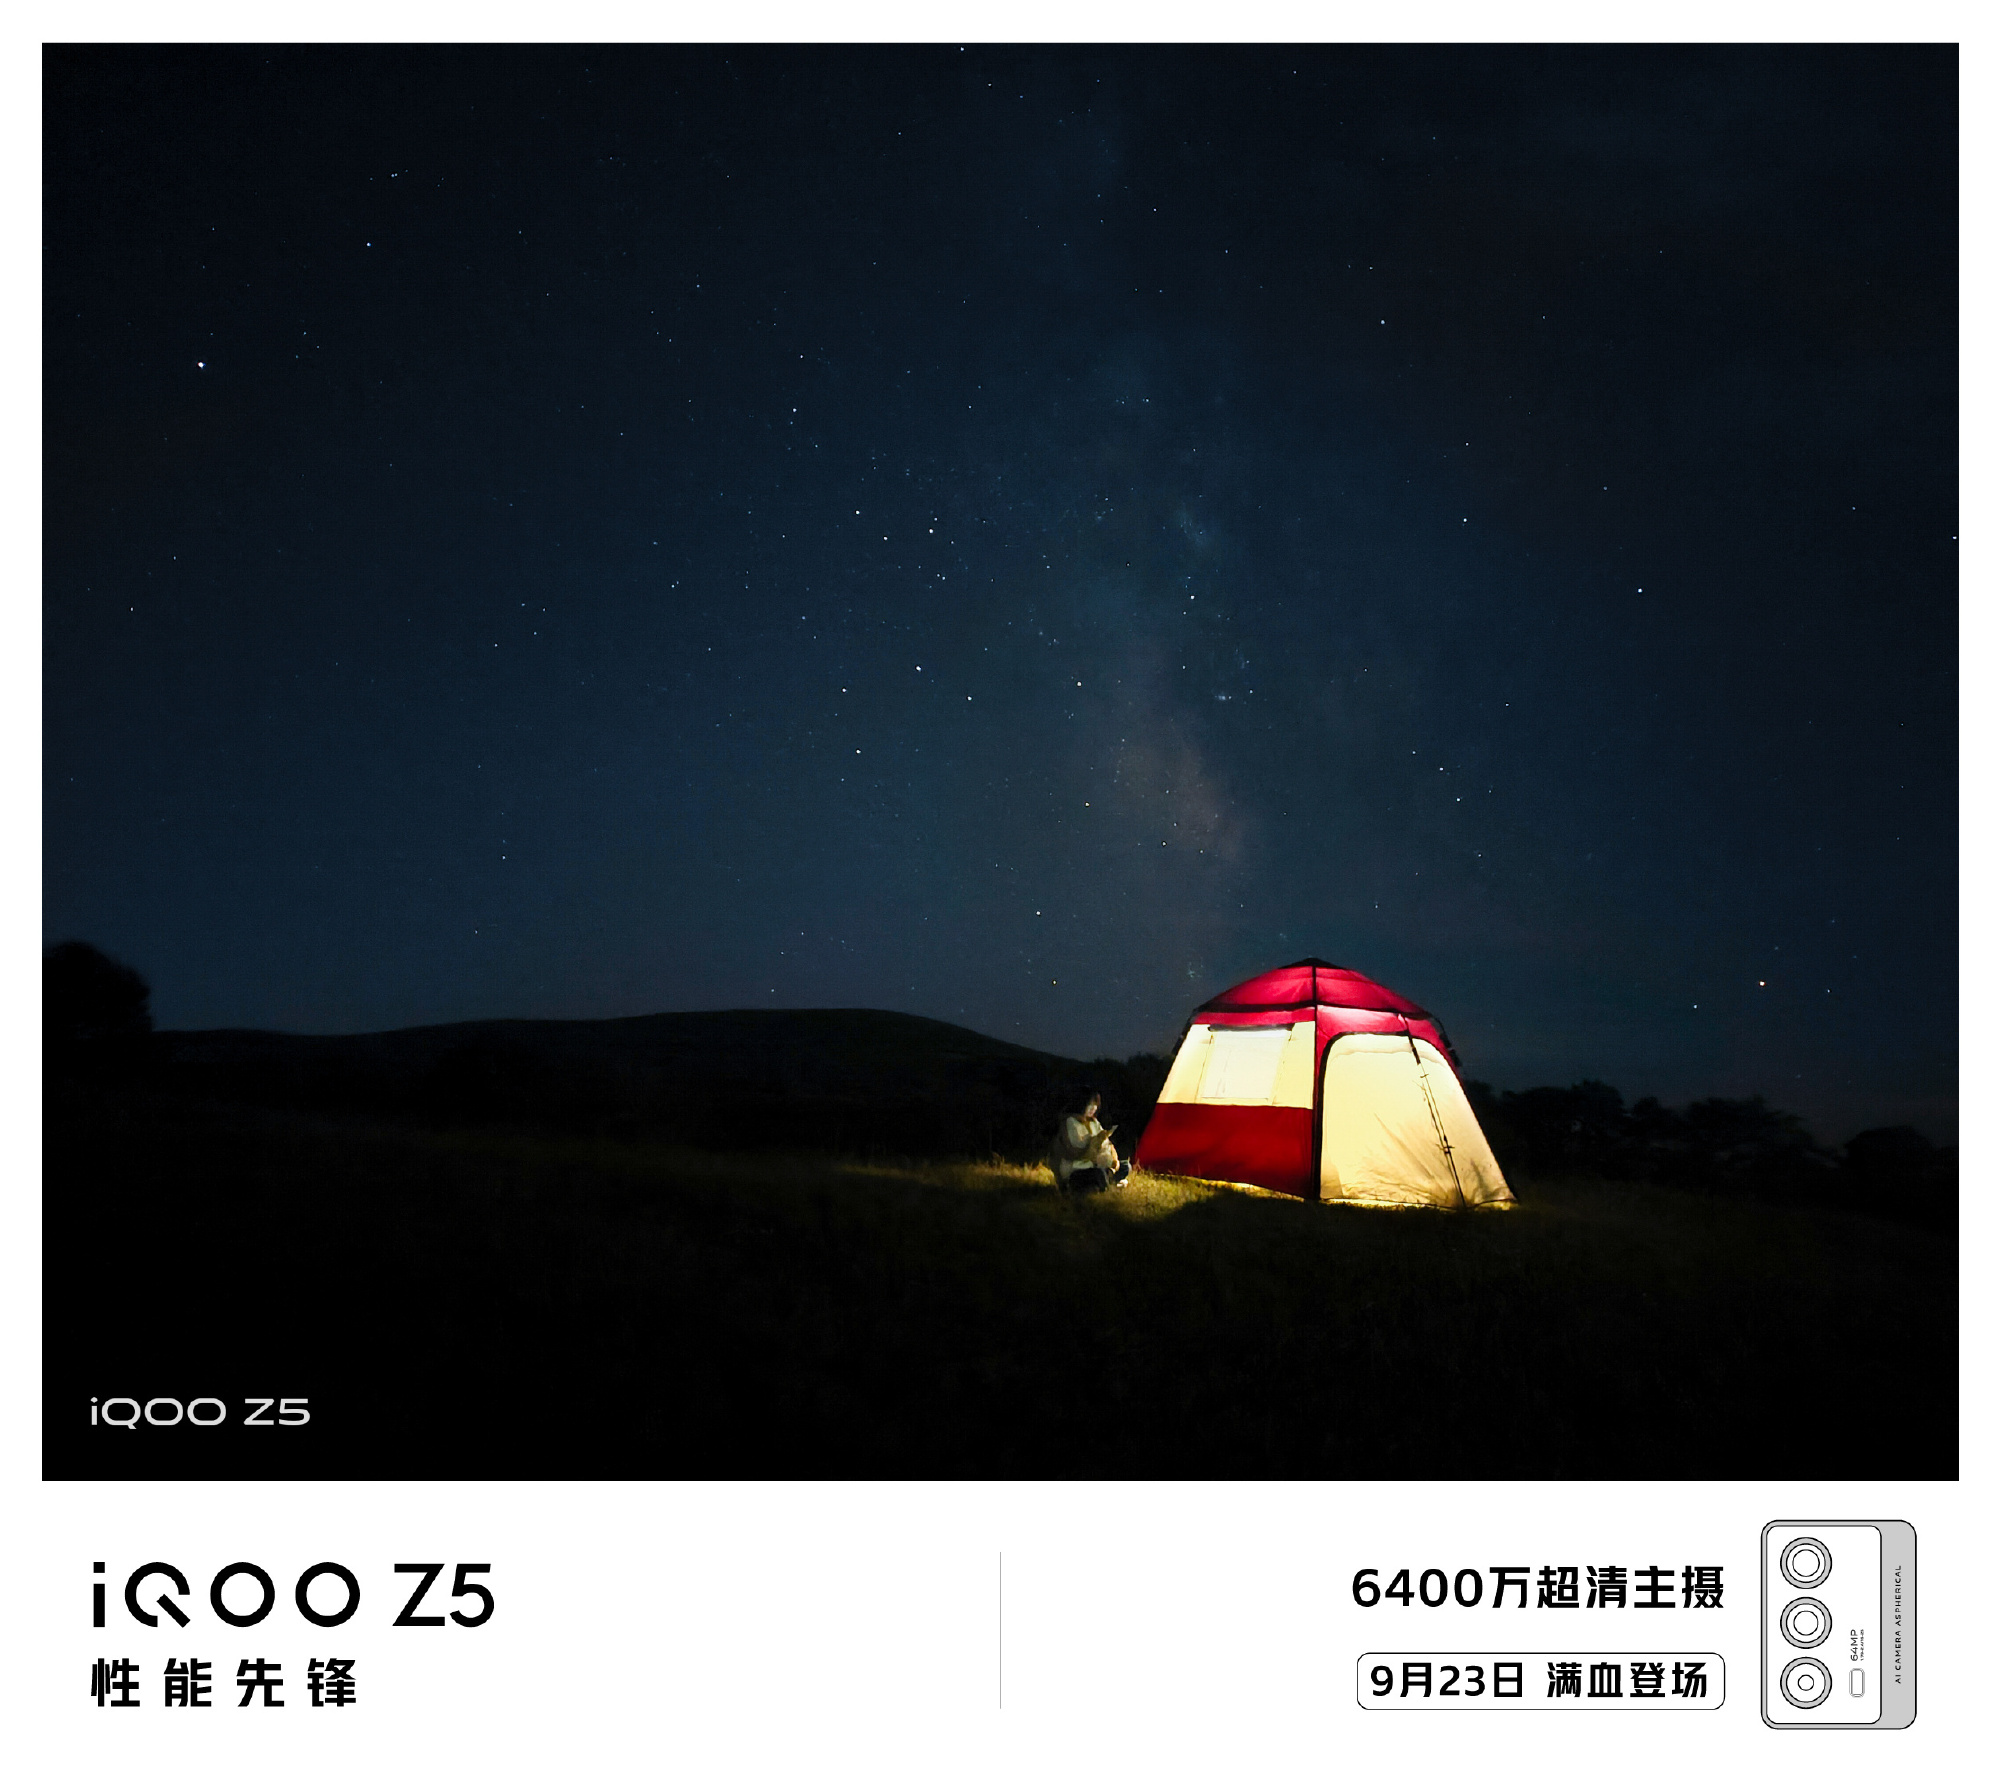 sampel kamera iQOO Z5